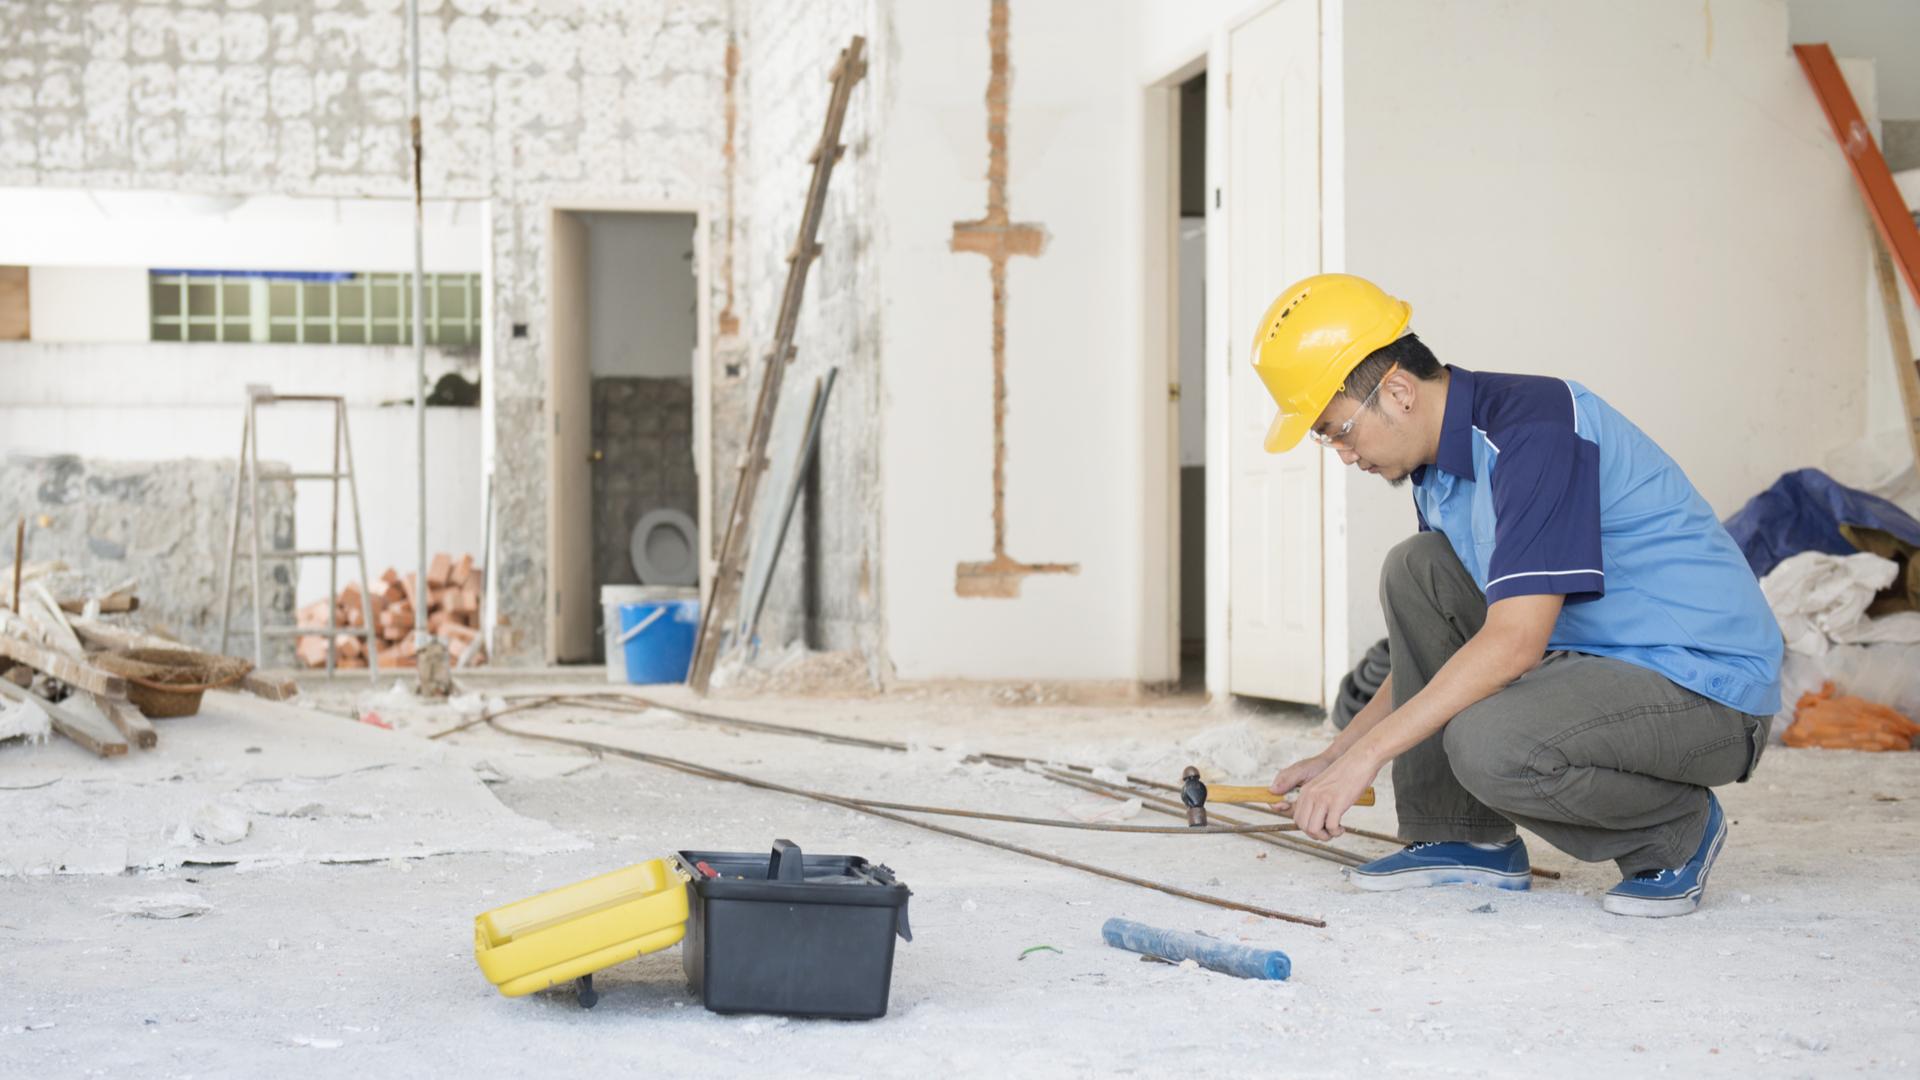 買房送裝潢好划算? 專家:小心被建商扒3層皮